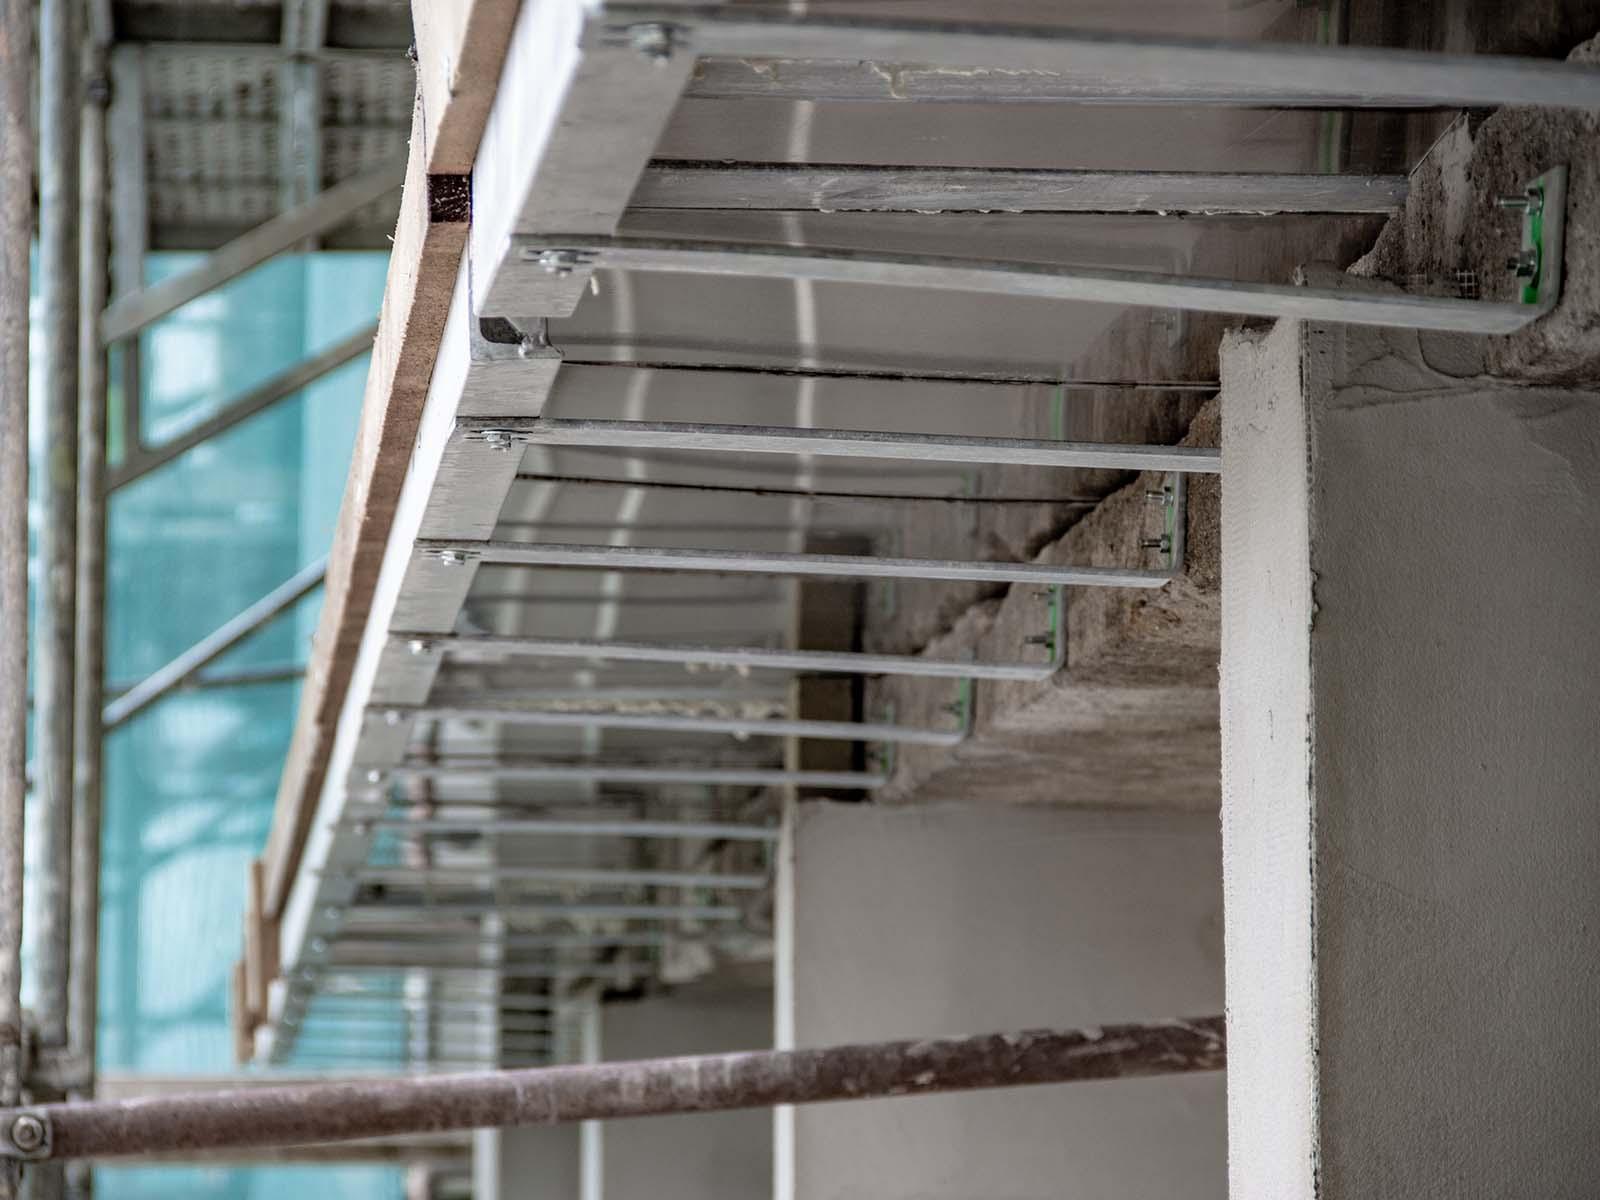 Rekonstrukce bytového domu Tišnov - zateplení, zvětšení lodžií, nové rozvody eletro, vody a kanalizace